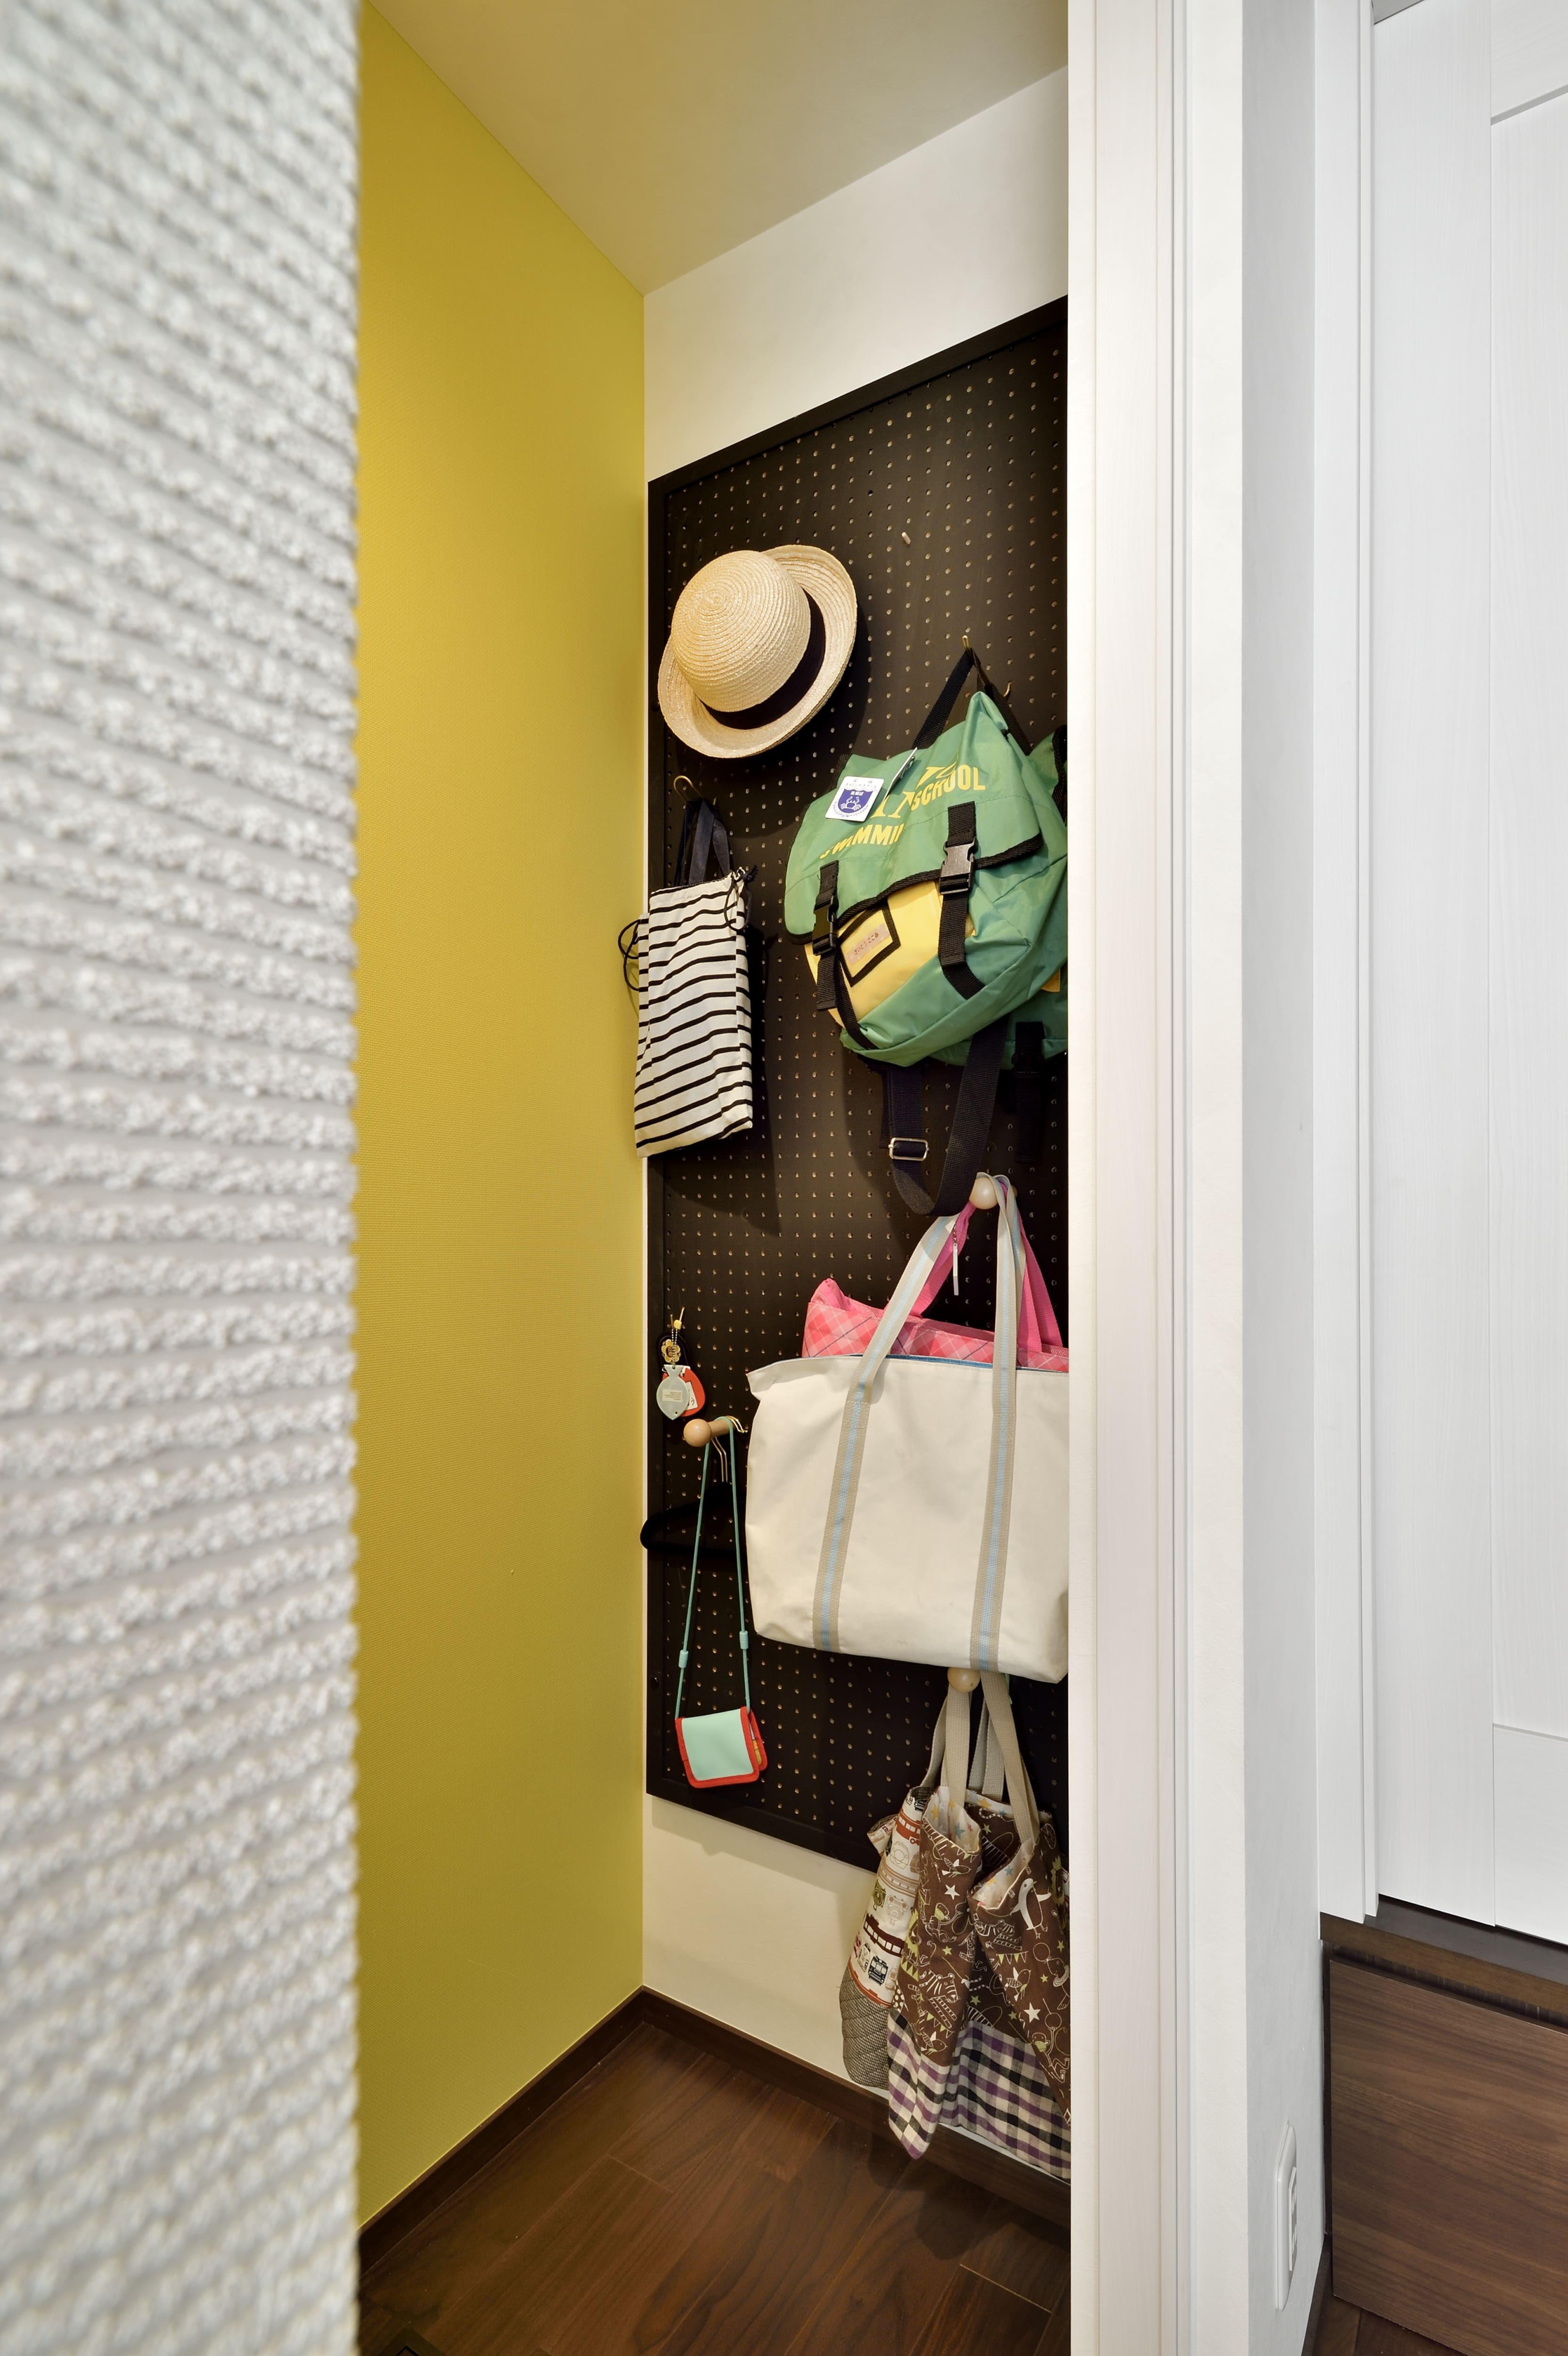 収納事例:壁面裏を収納として活用(キッチンを家の中心に配置。便利な家事動線と子供を常に見守れる間取りにリフォーム。)